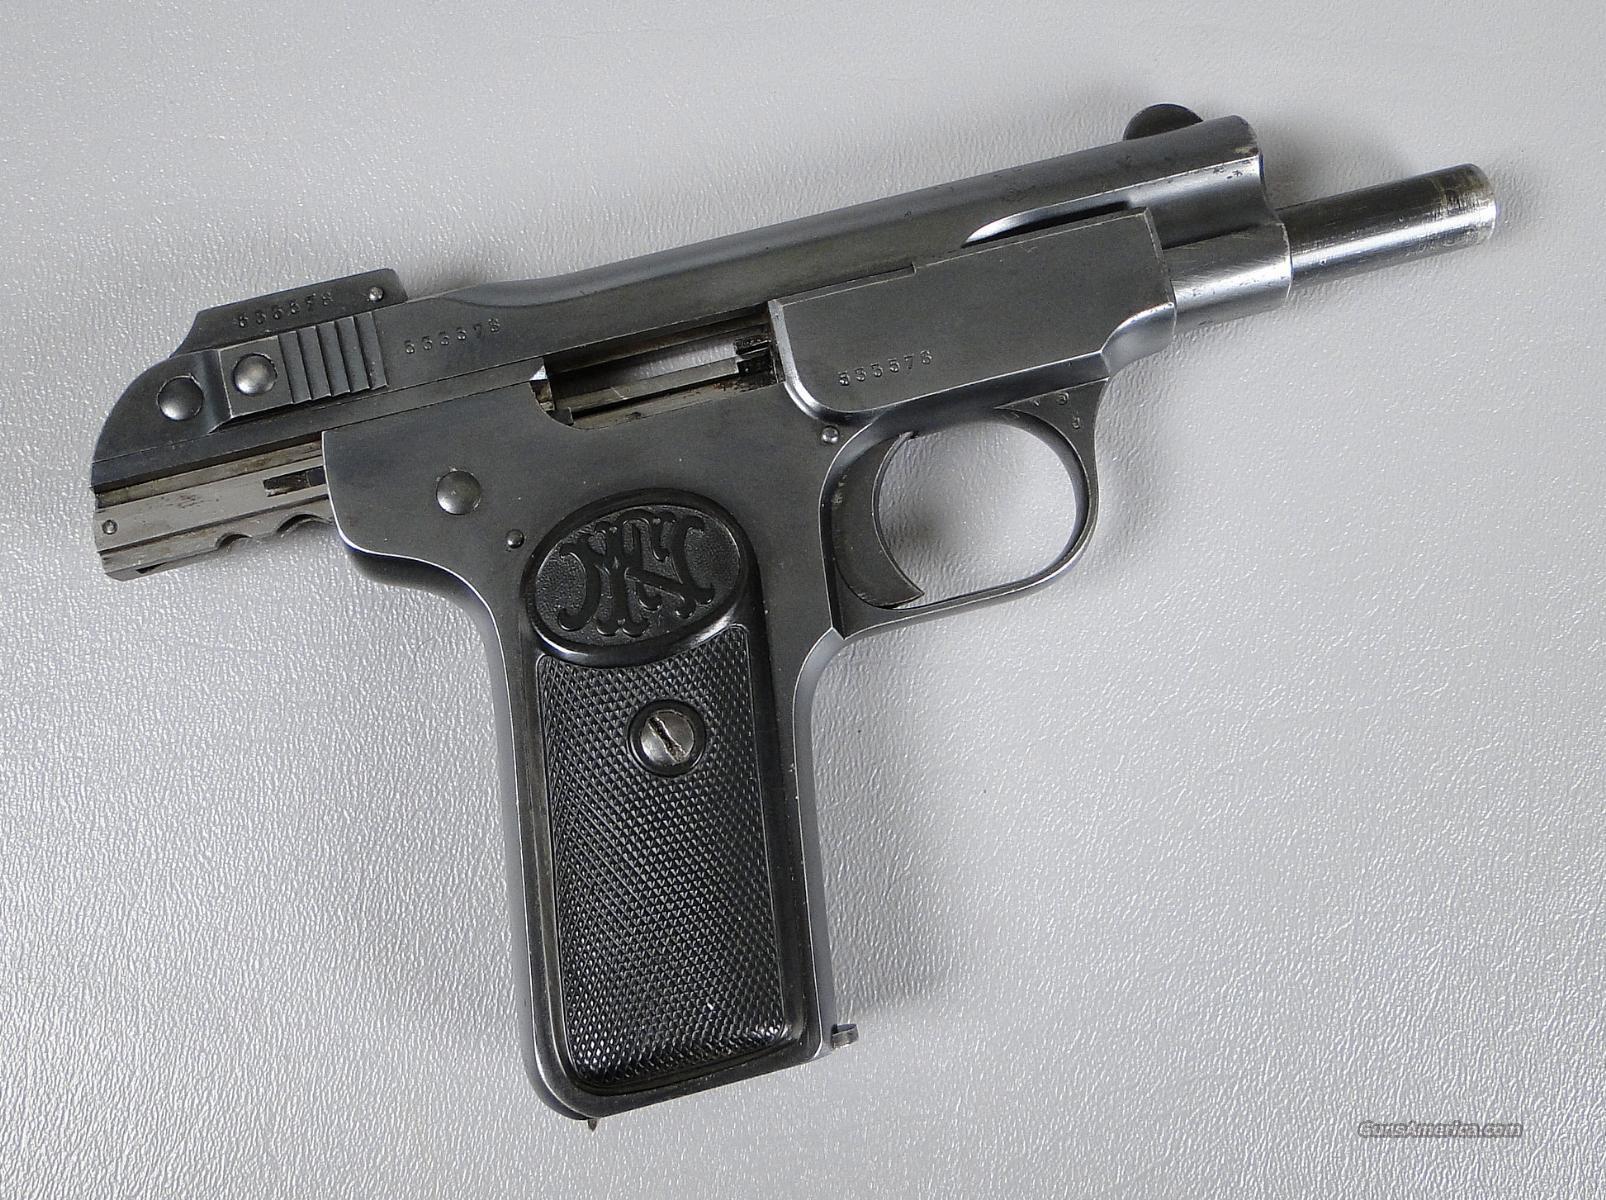 FN Model 1900 semi-auto pistol, 7.65mm cal., 4 barrel